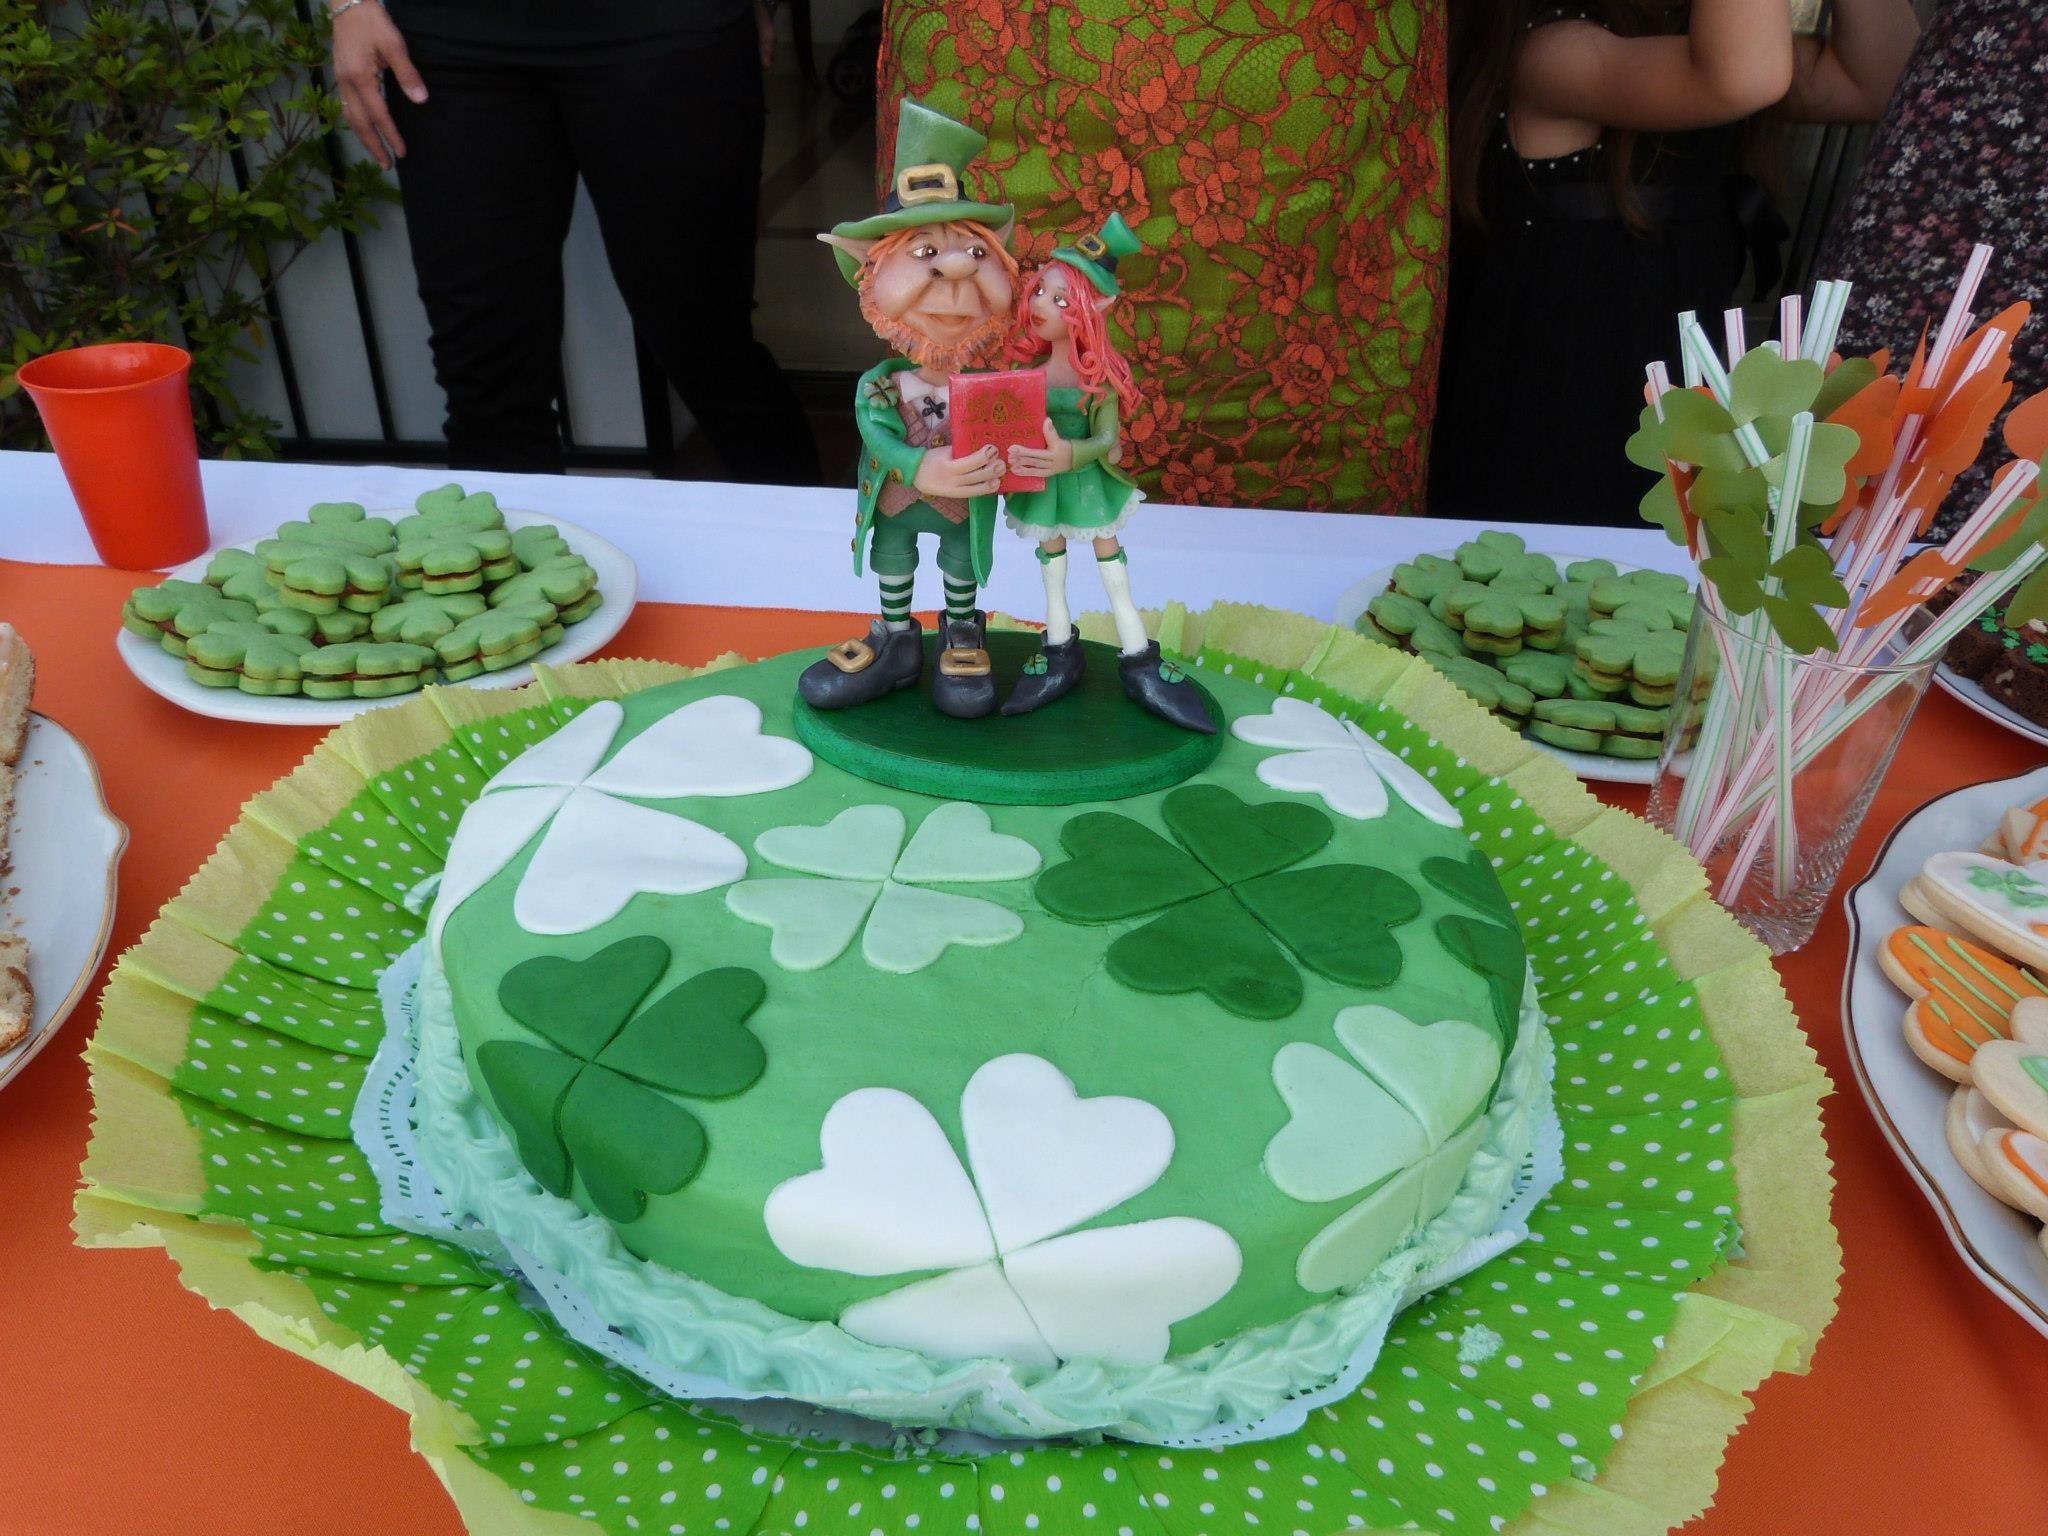 Torta de banana split con decó de tréboles y muñequitos personalizados de duendes irlandeses con libreta de casamiento civil, realizados en porcelana fría,